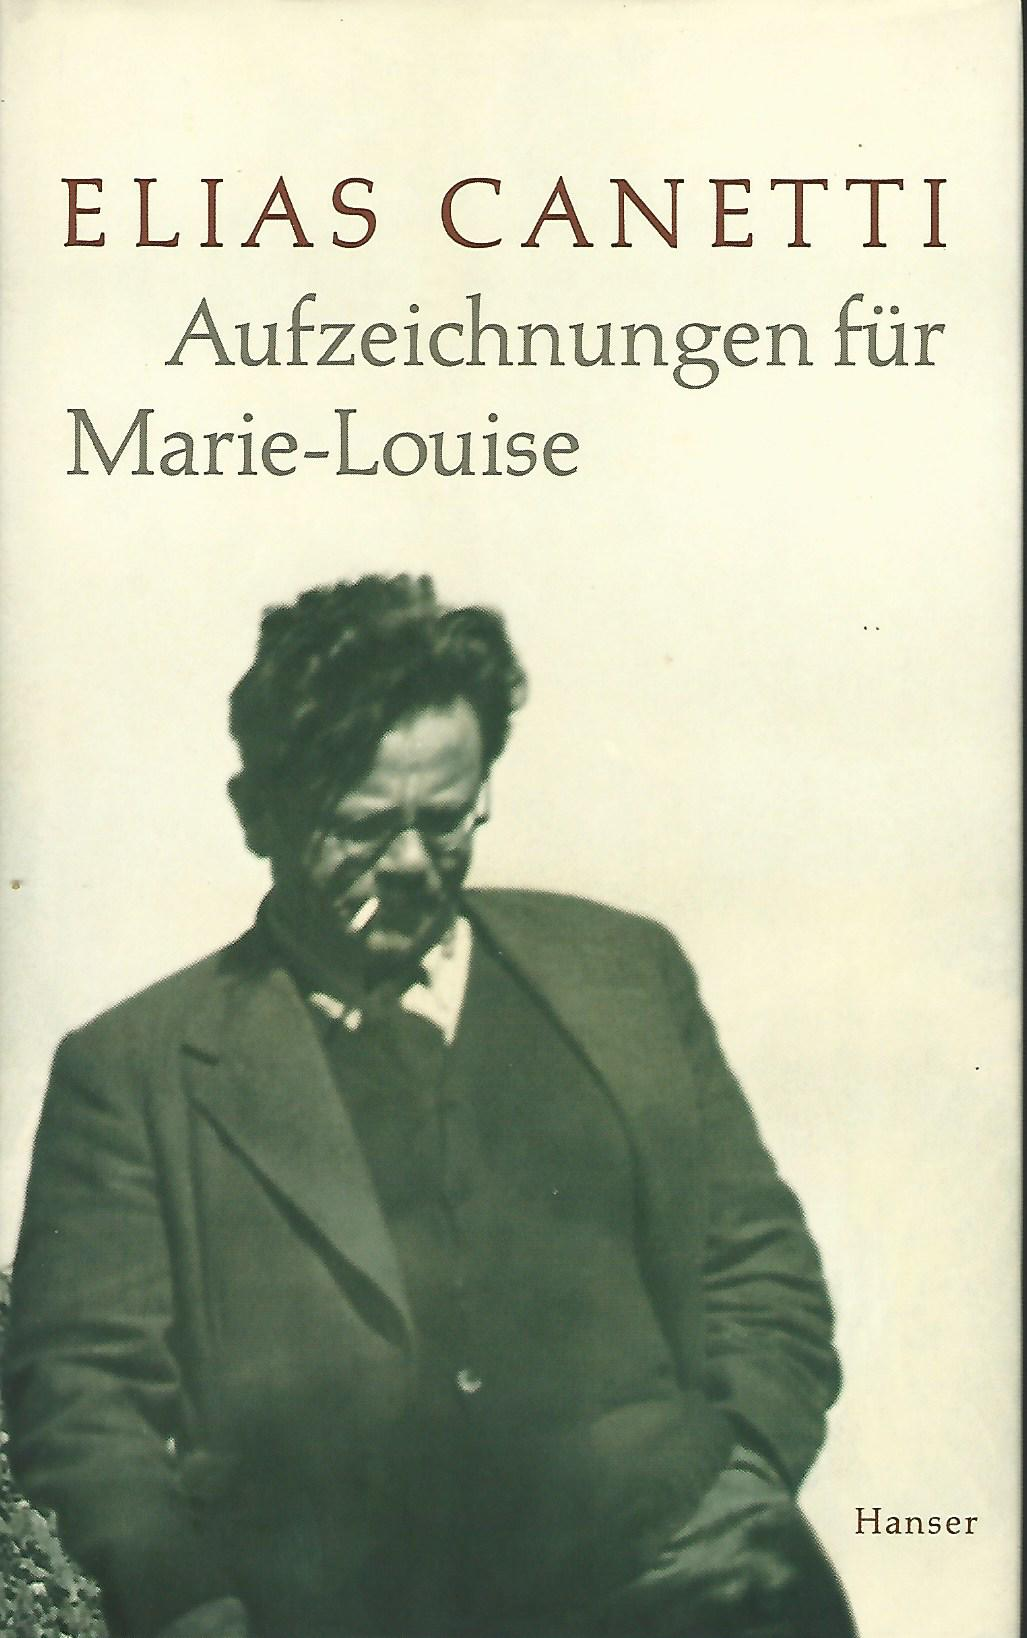 Aufzeichnungen für Marie-Louise. Aus dem Nachlaß herausgegeben und mit einem Nachwort von Jeremy Adler. - Elias Canetti